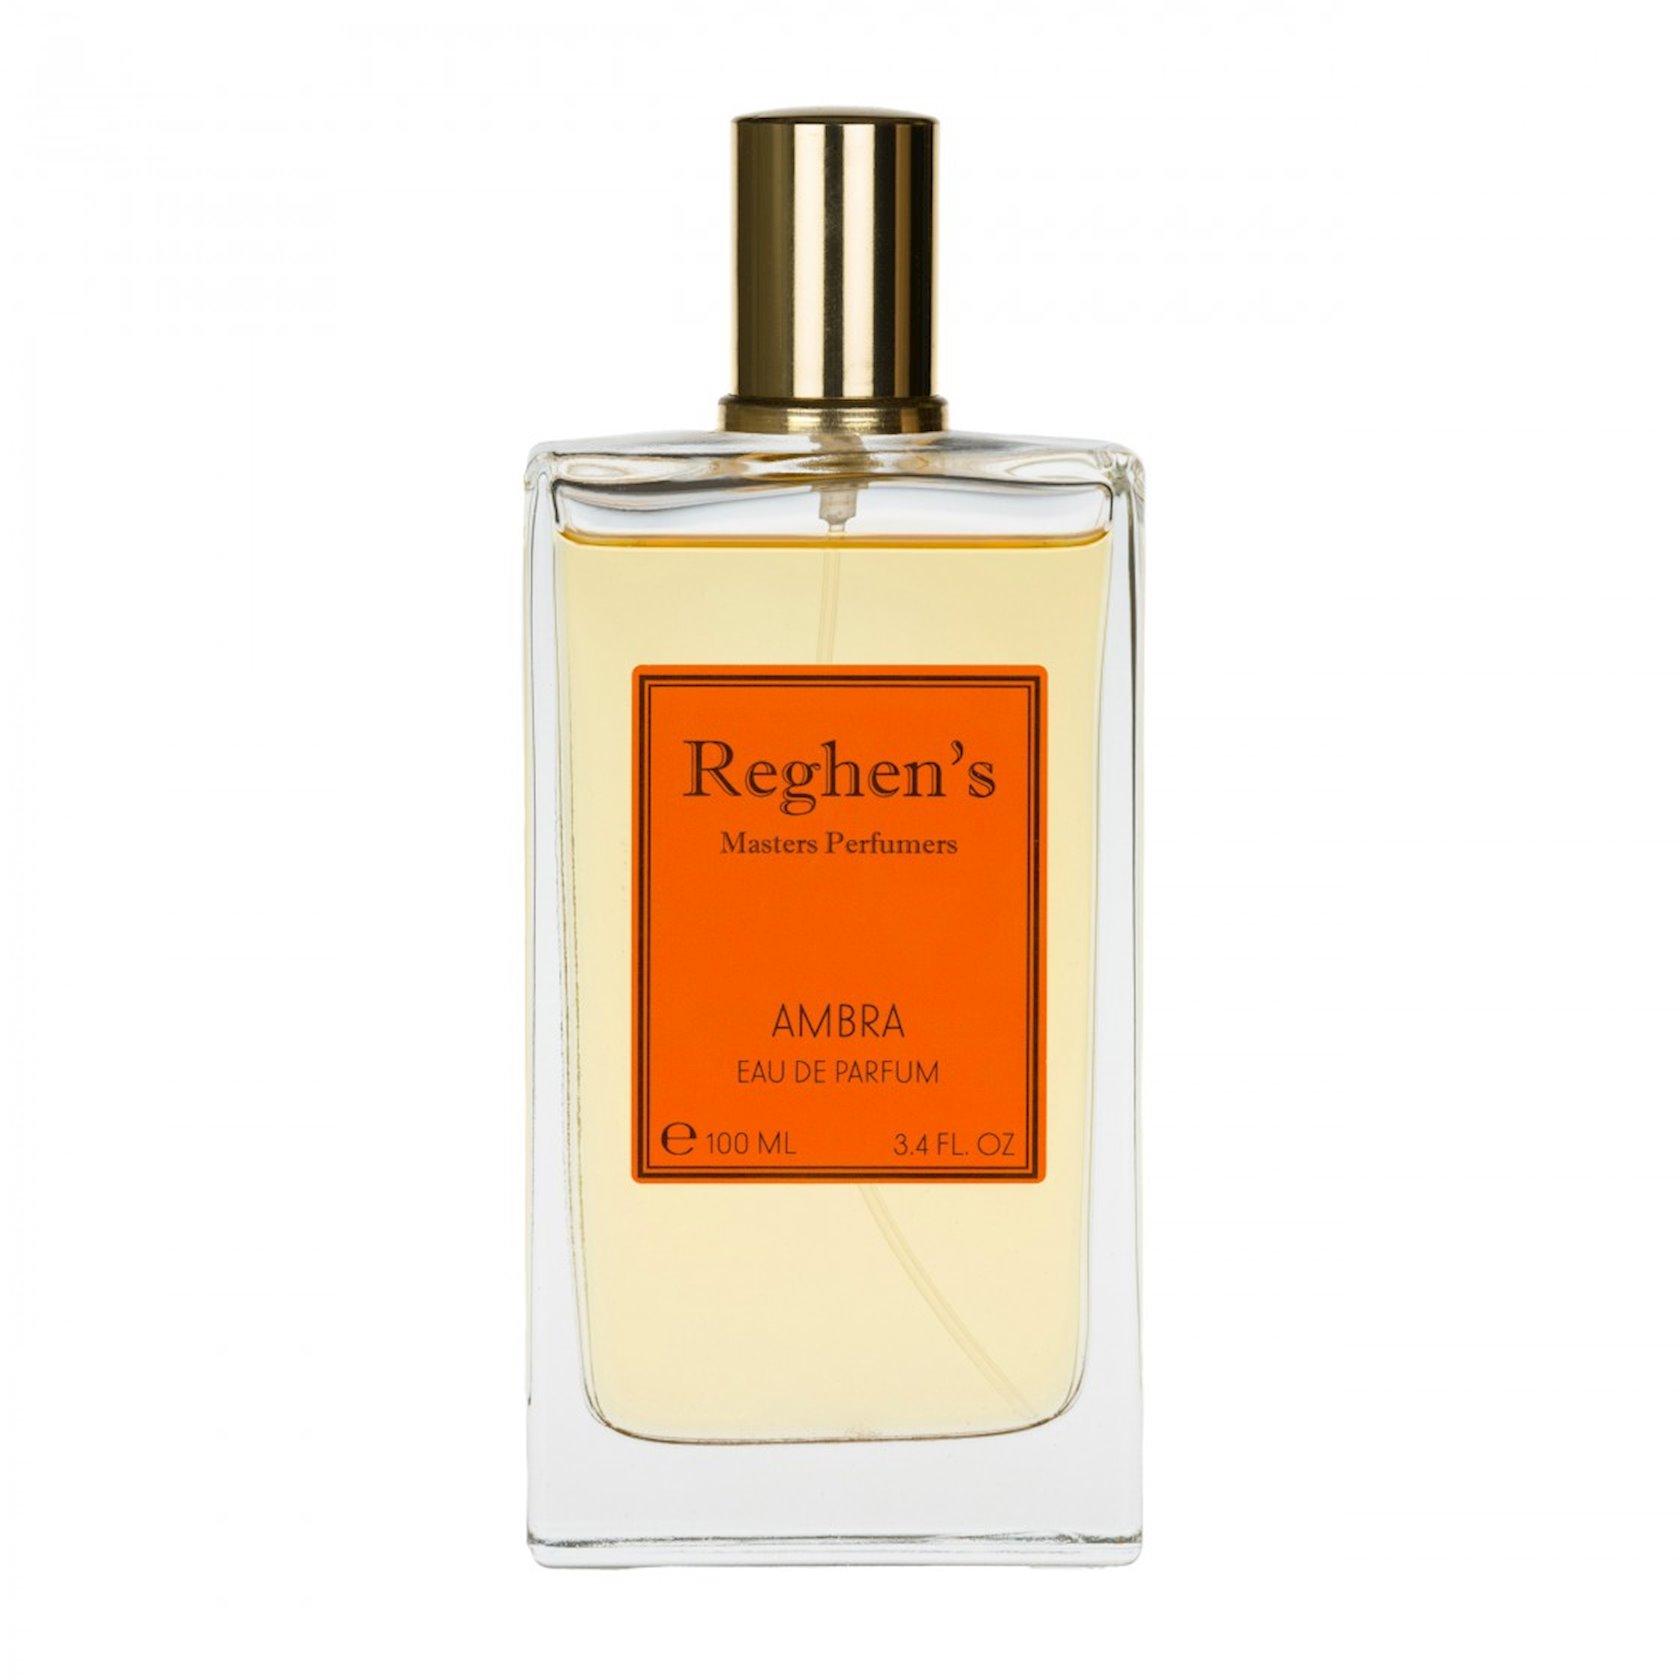 Uniseks ətir suyu Reghen's Masters Perfumers Ambra 100ml